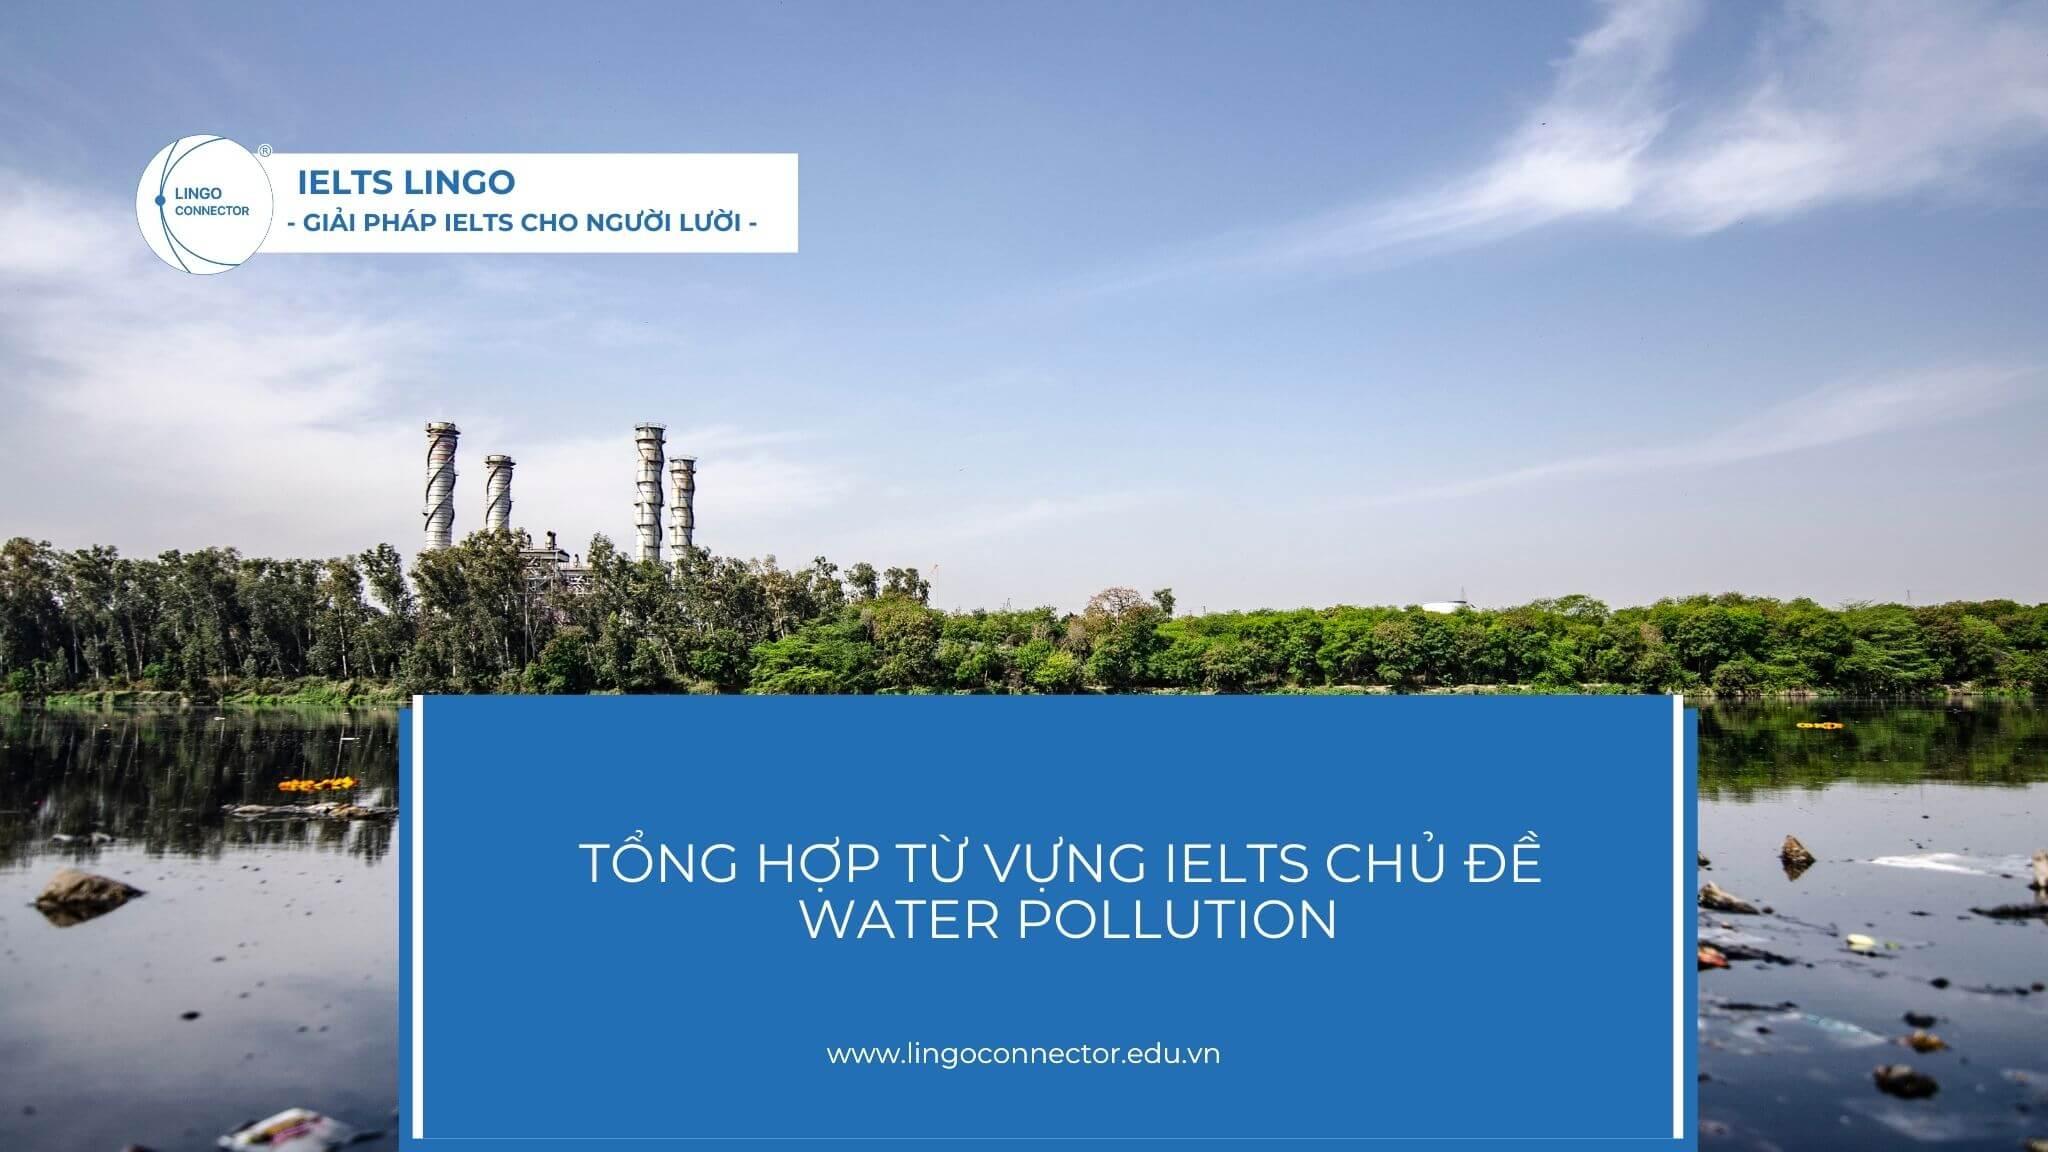 tu-vung-ielts-chu-de-water-pollution